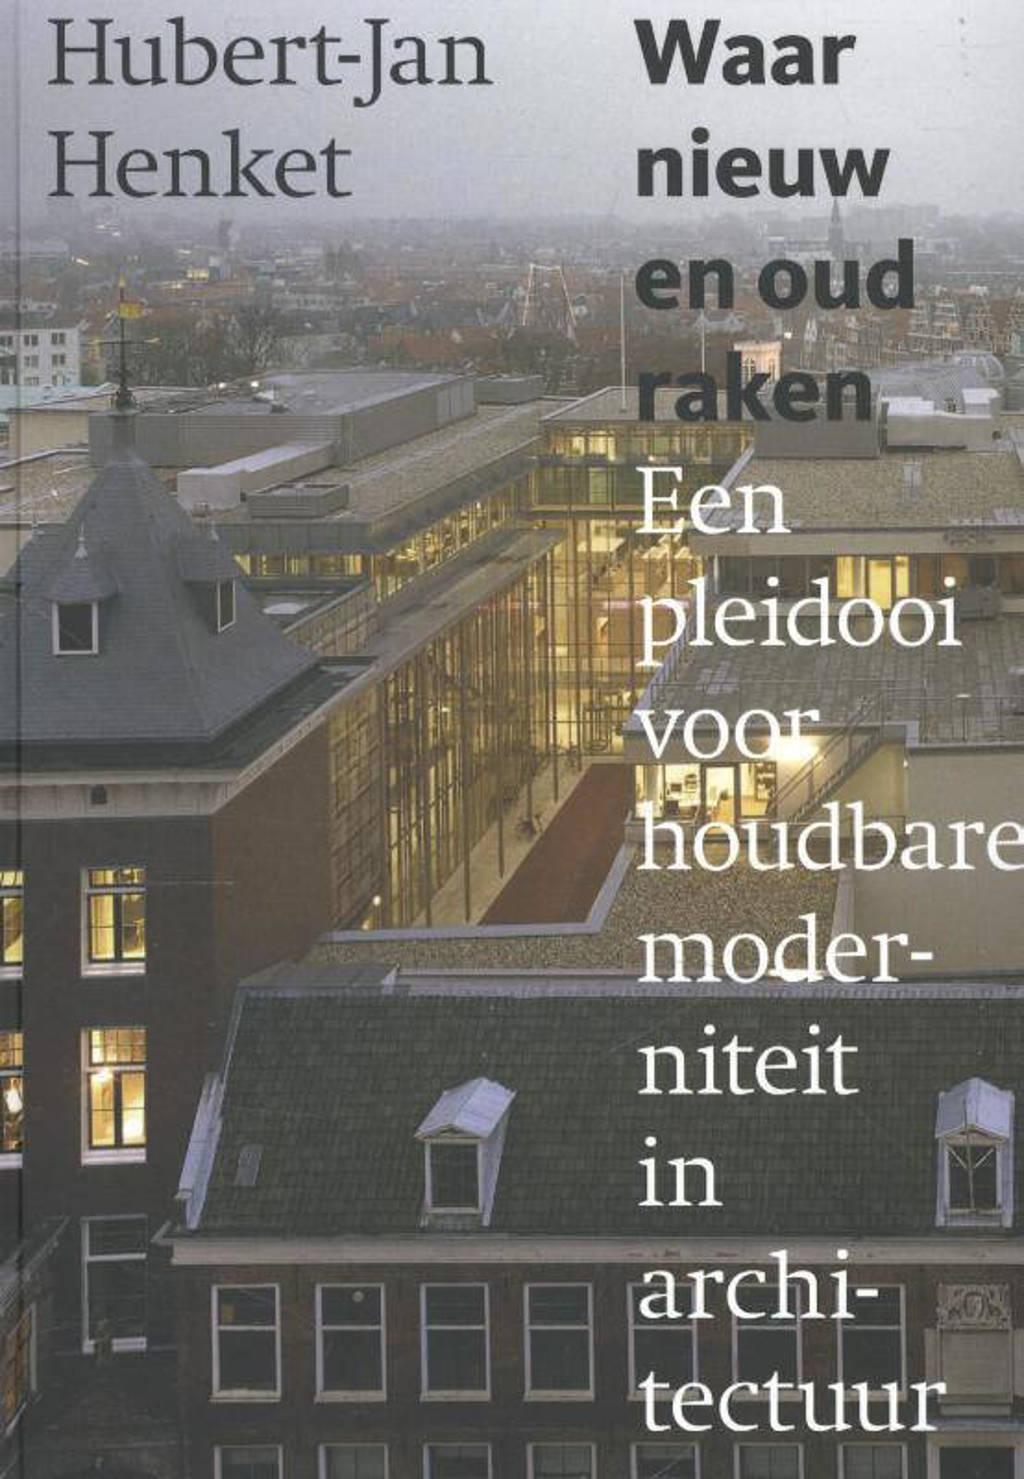 Waar nieuw en oud raken - Hubert-Jan Henket